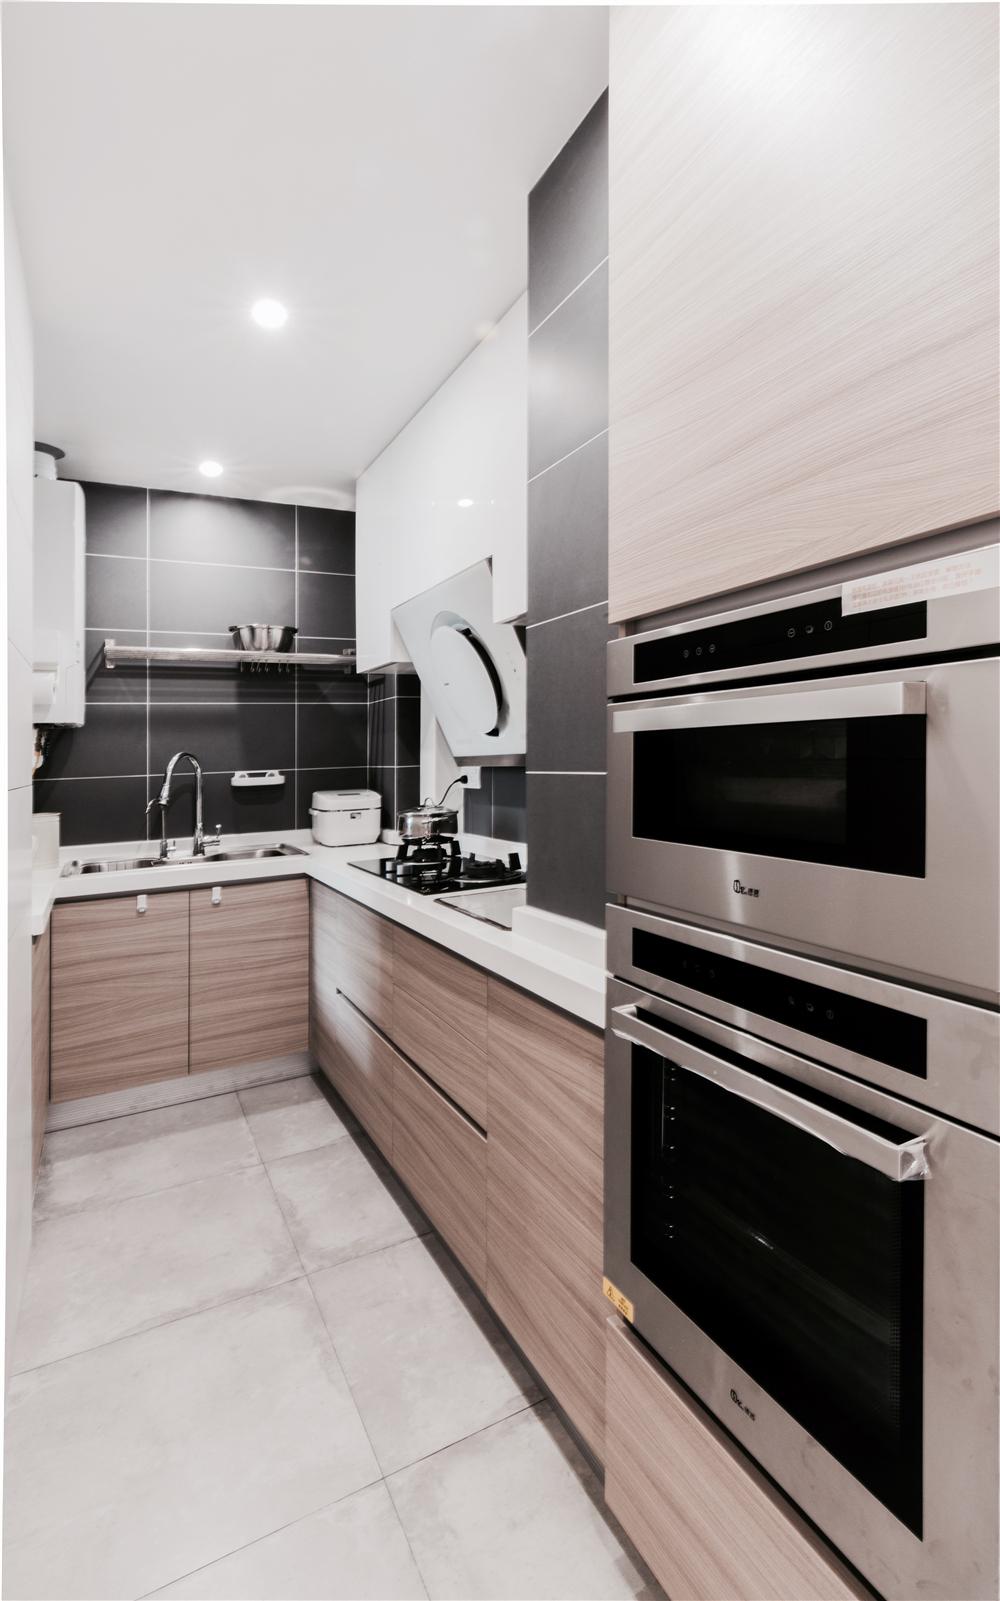 80平米简约风厨房装修效果图